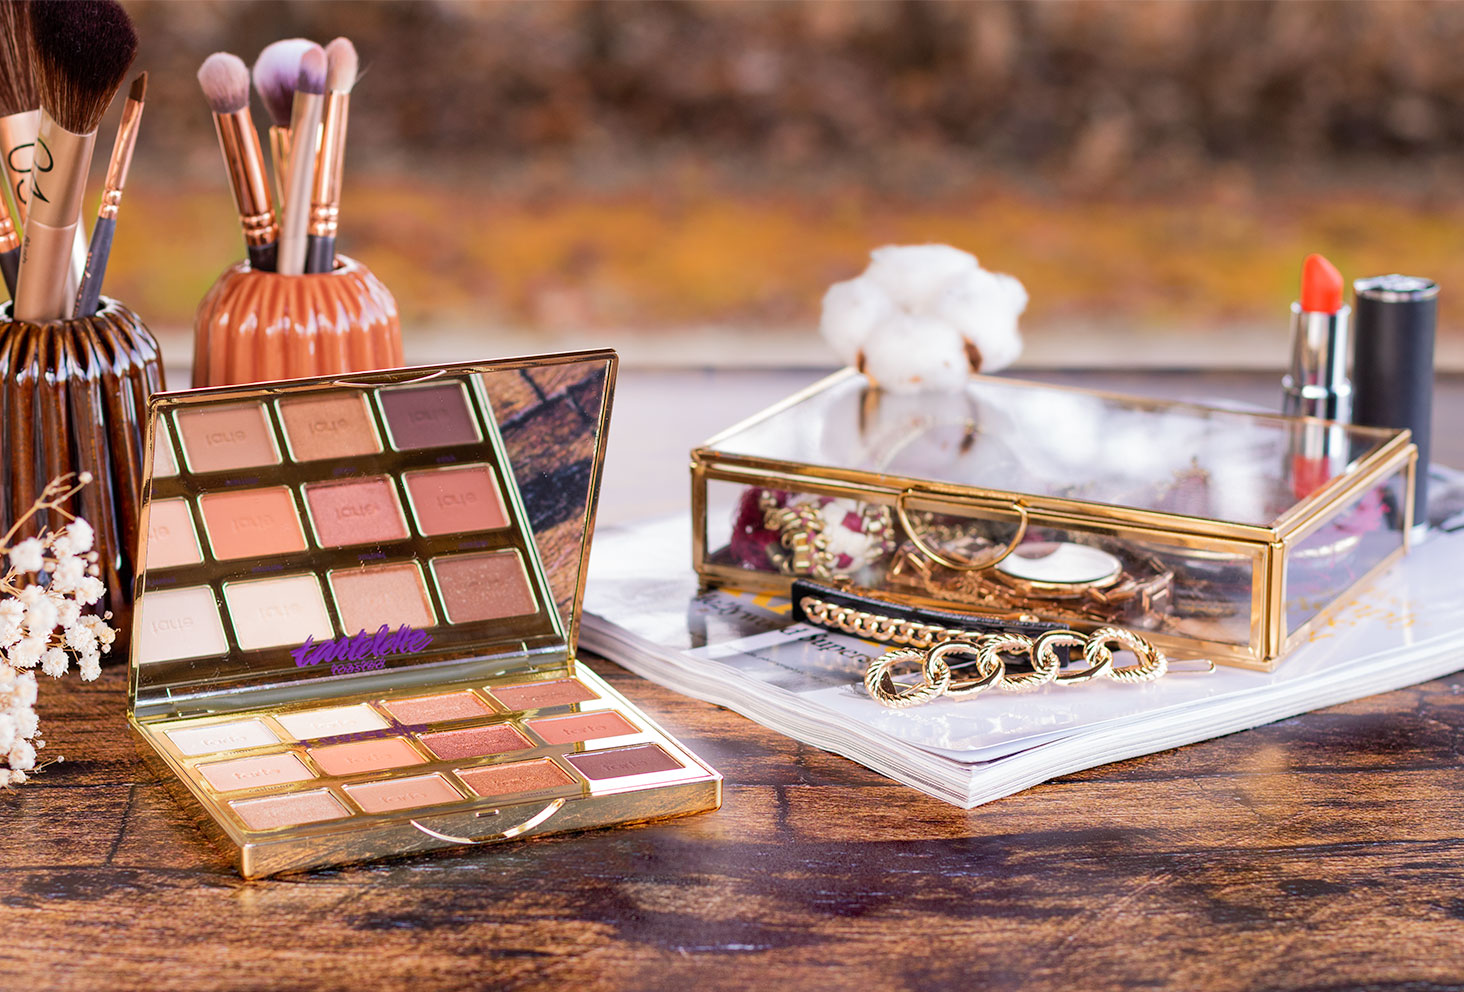 La palette Tartelette Toasted de Tarte ouverte au milieu d'accessoires à maquillage